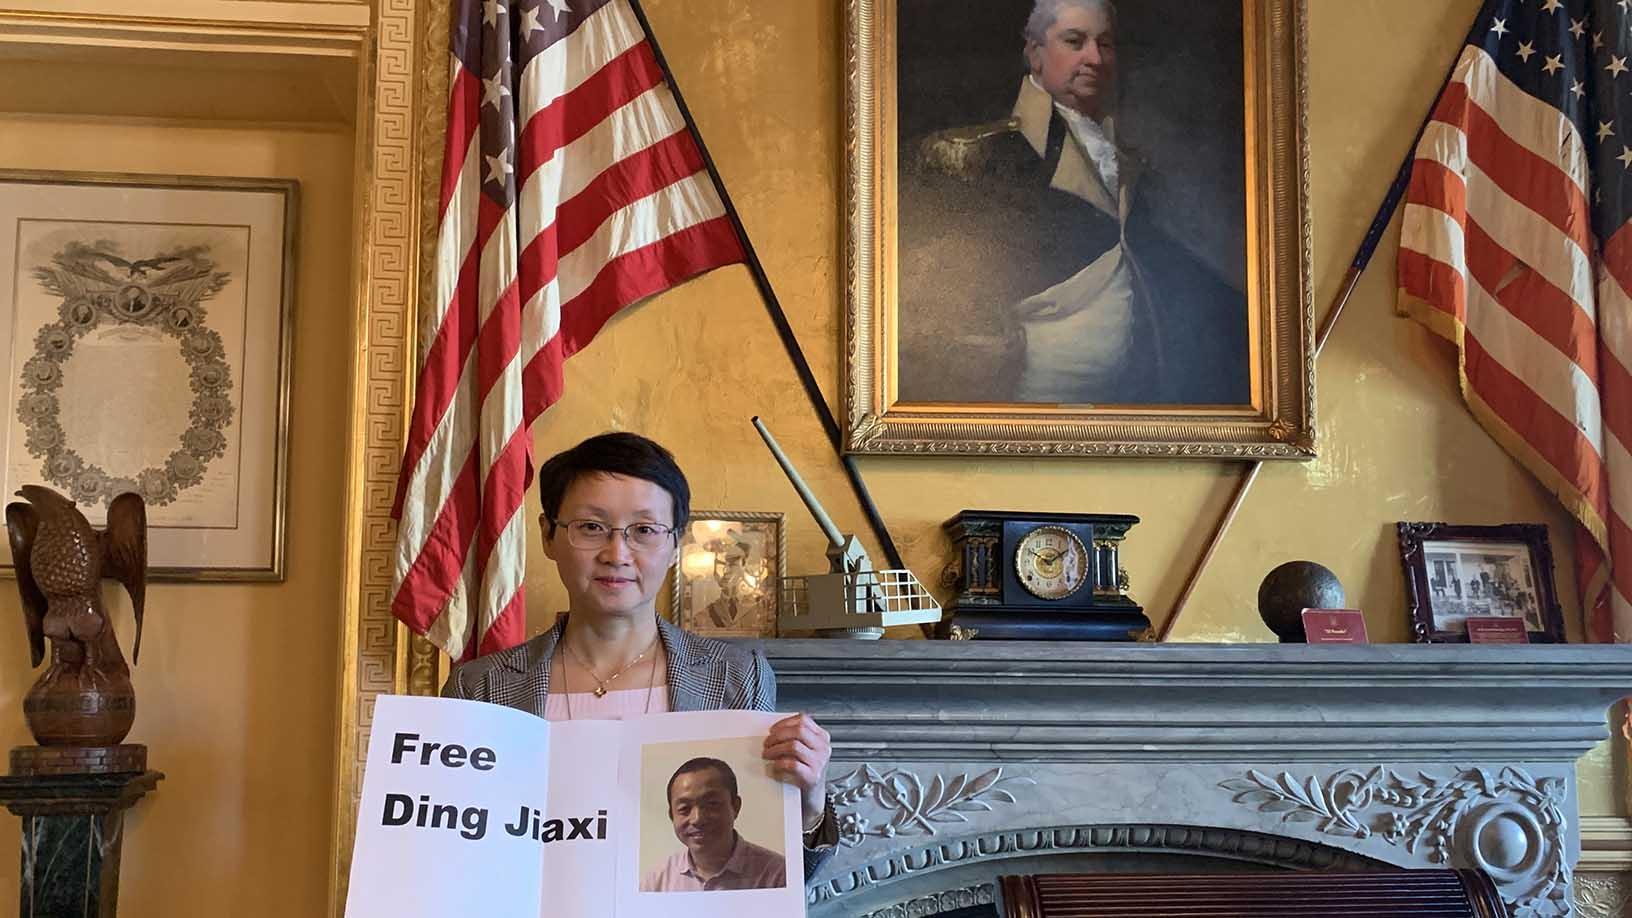 2020年1月21日,维权律师丁家喜的妻子罗胜春在白宫里。(罗胜春提供)